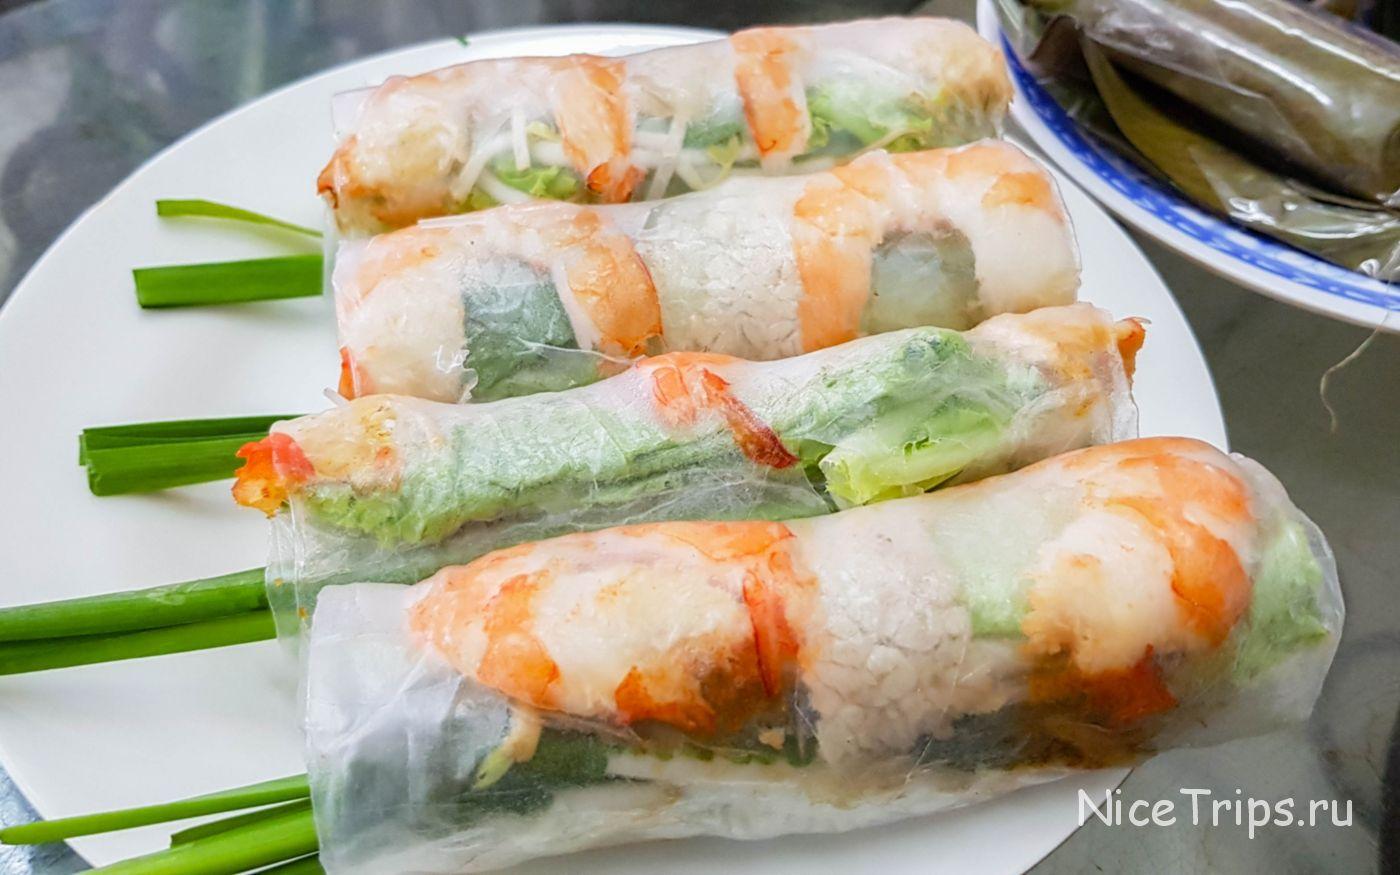 Goi Cuon - Роллы в рисовой бумаге